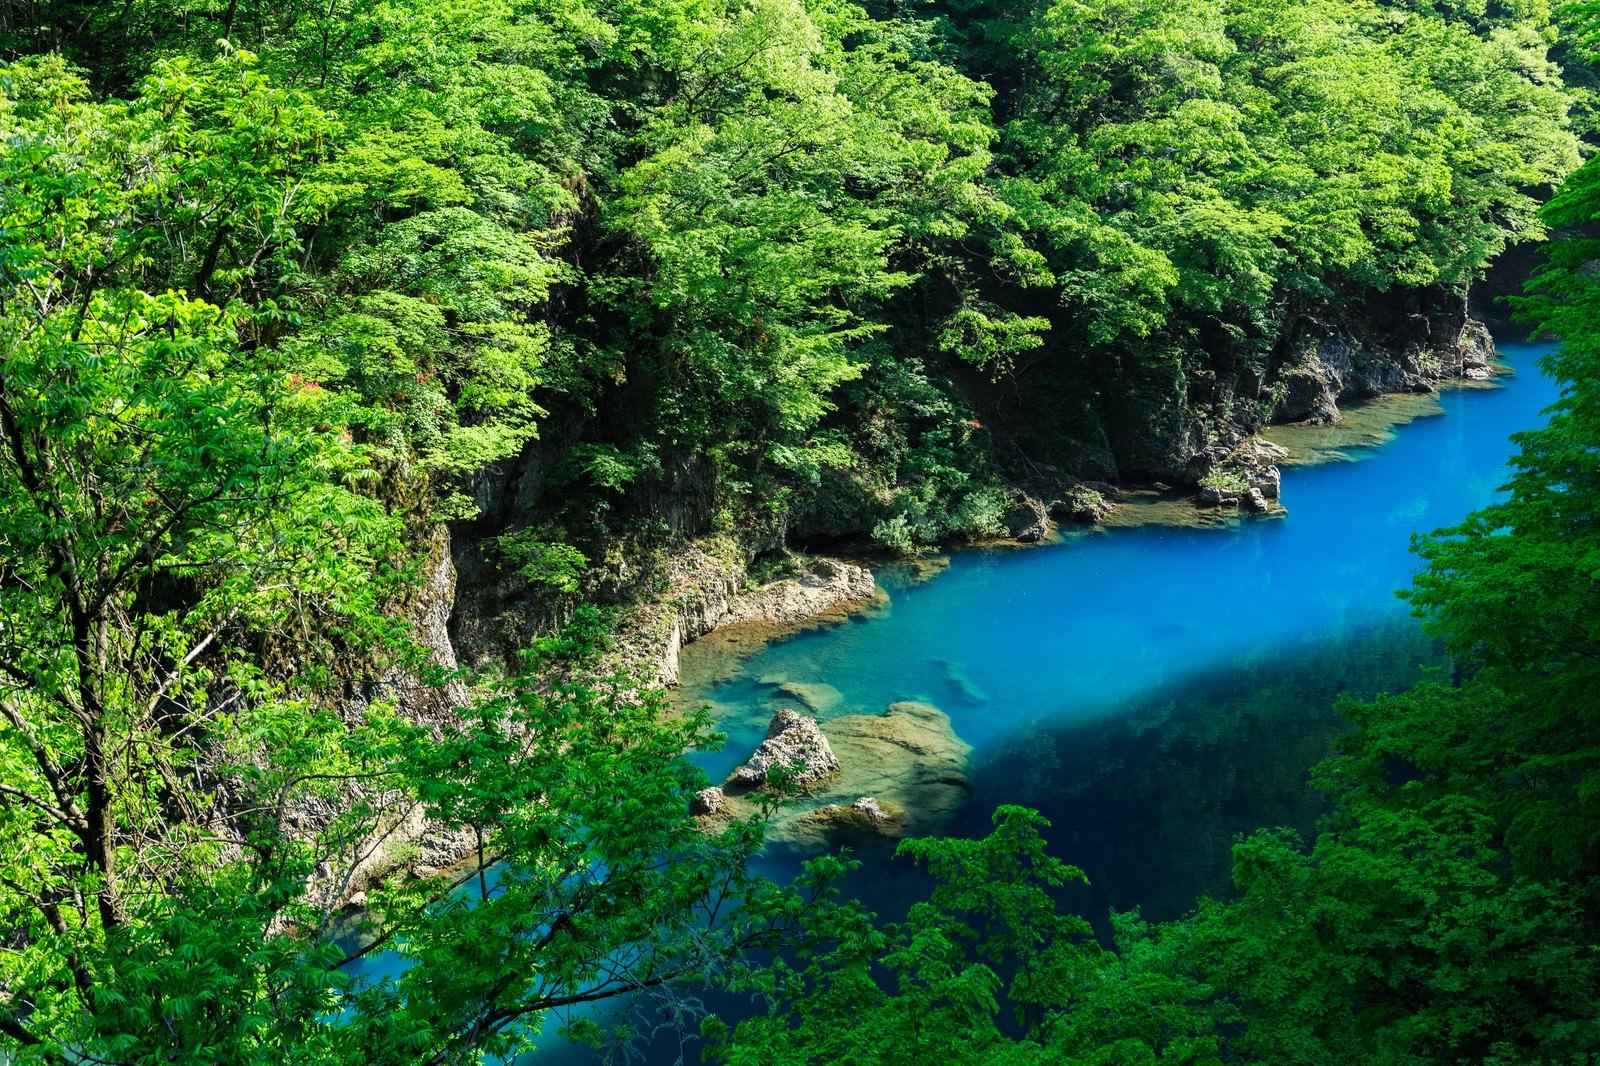 「エメブルな渓谷」の写真